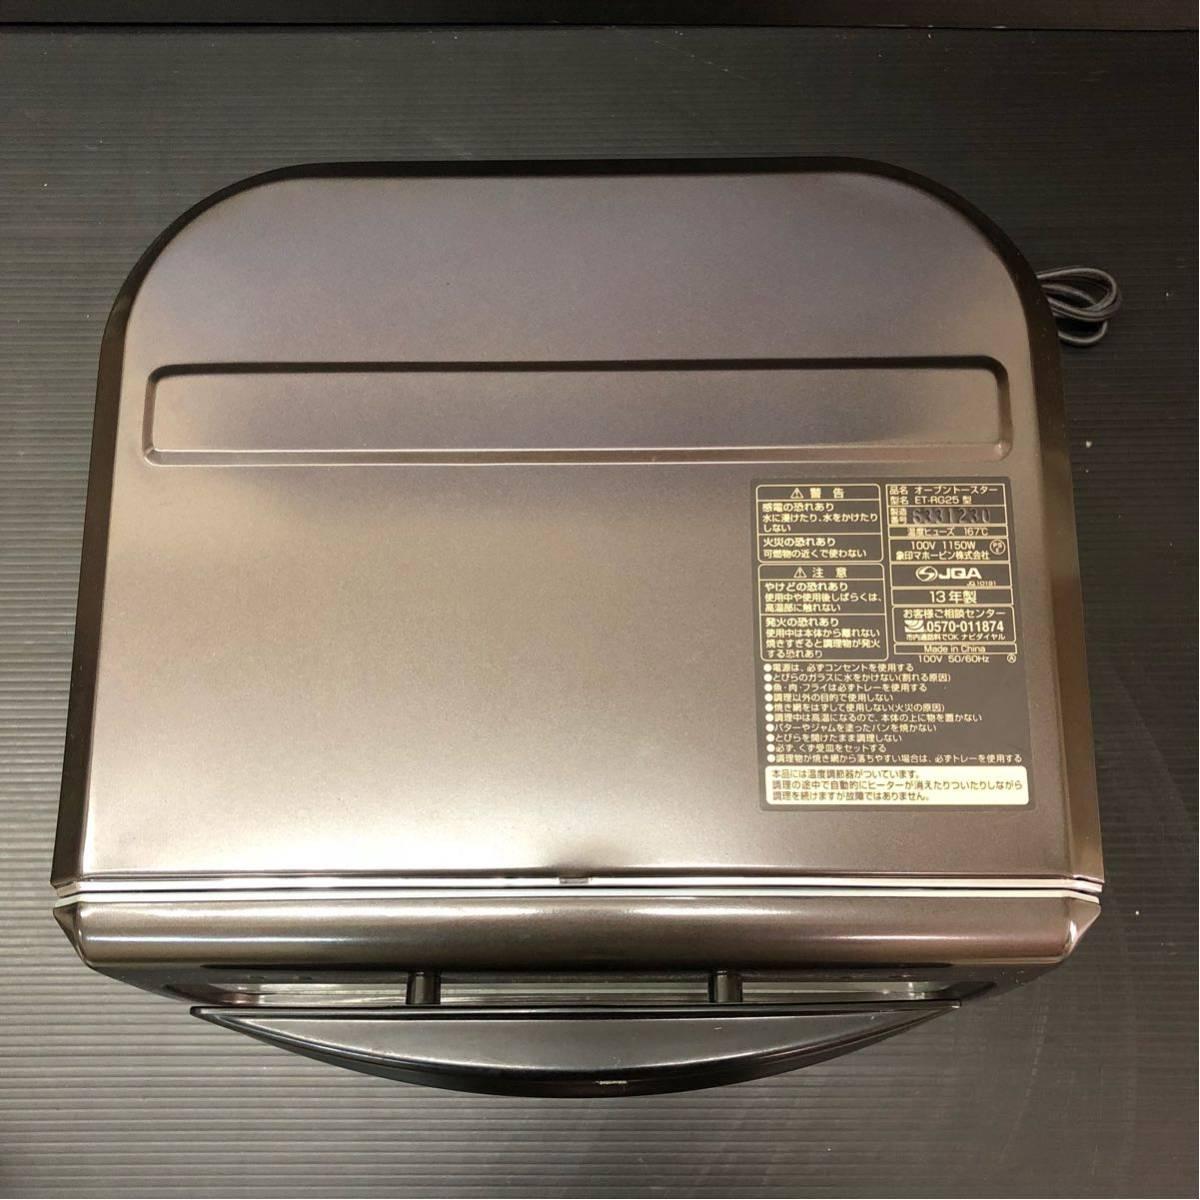 ★☆ 象印 ZOJIRUSHI オーブントースター ET-RG25 未使用品 ☆★_画像2